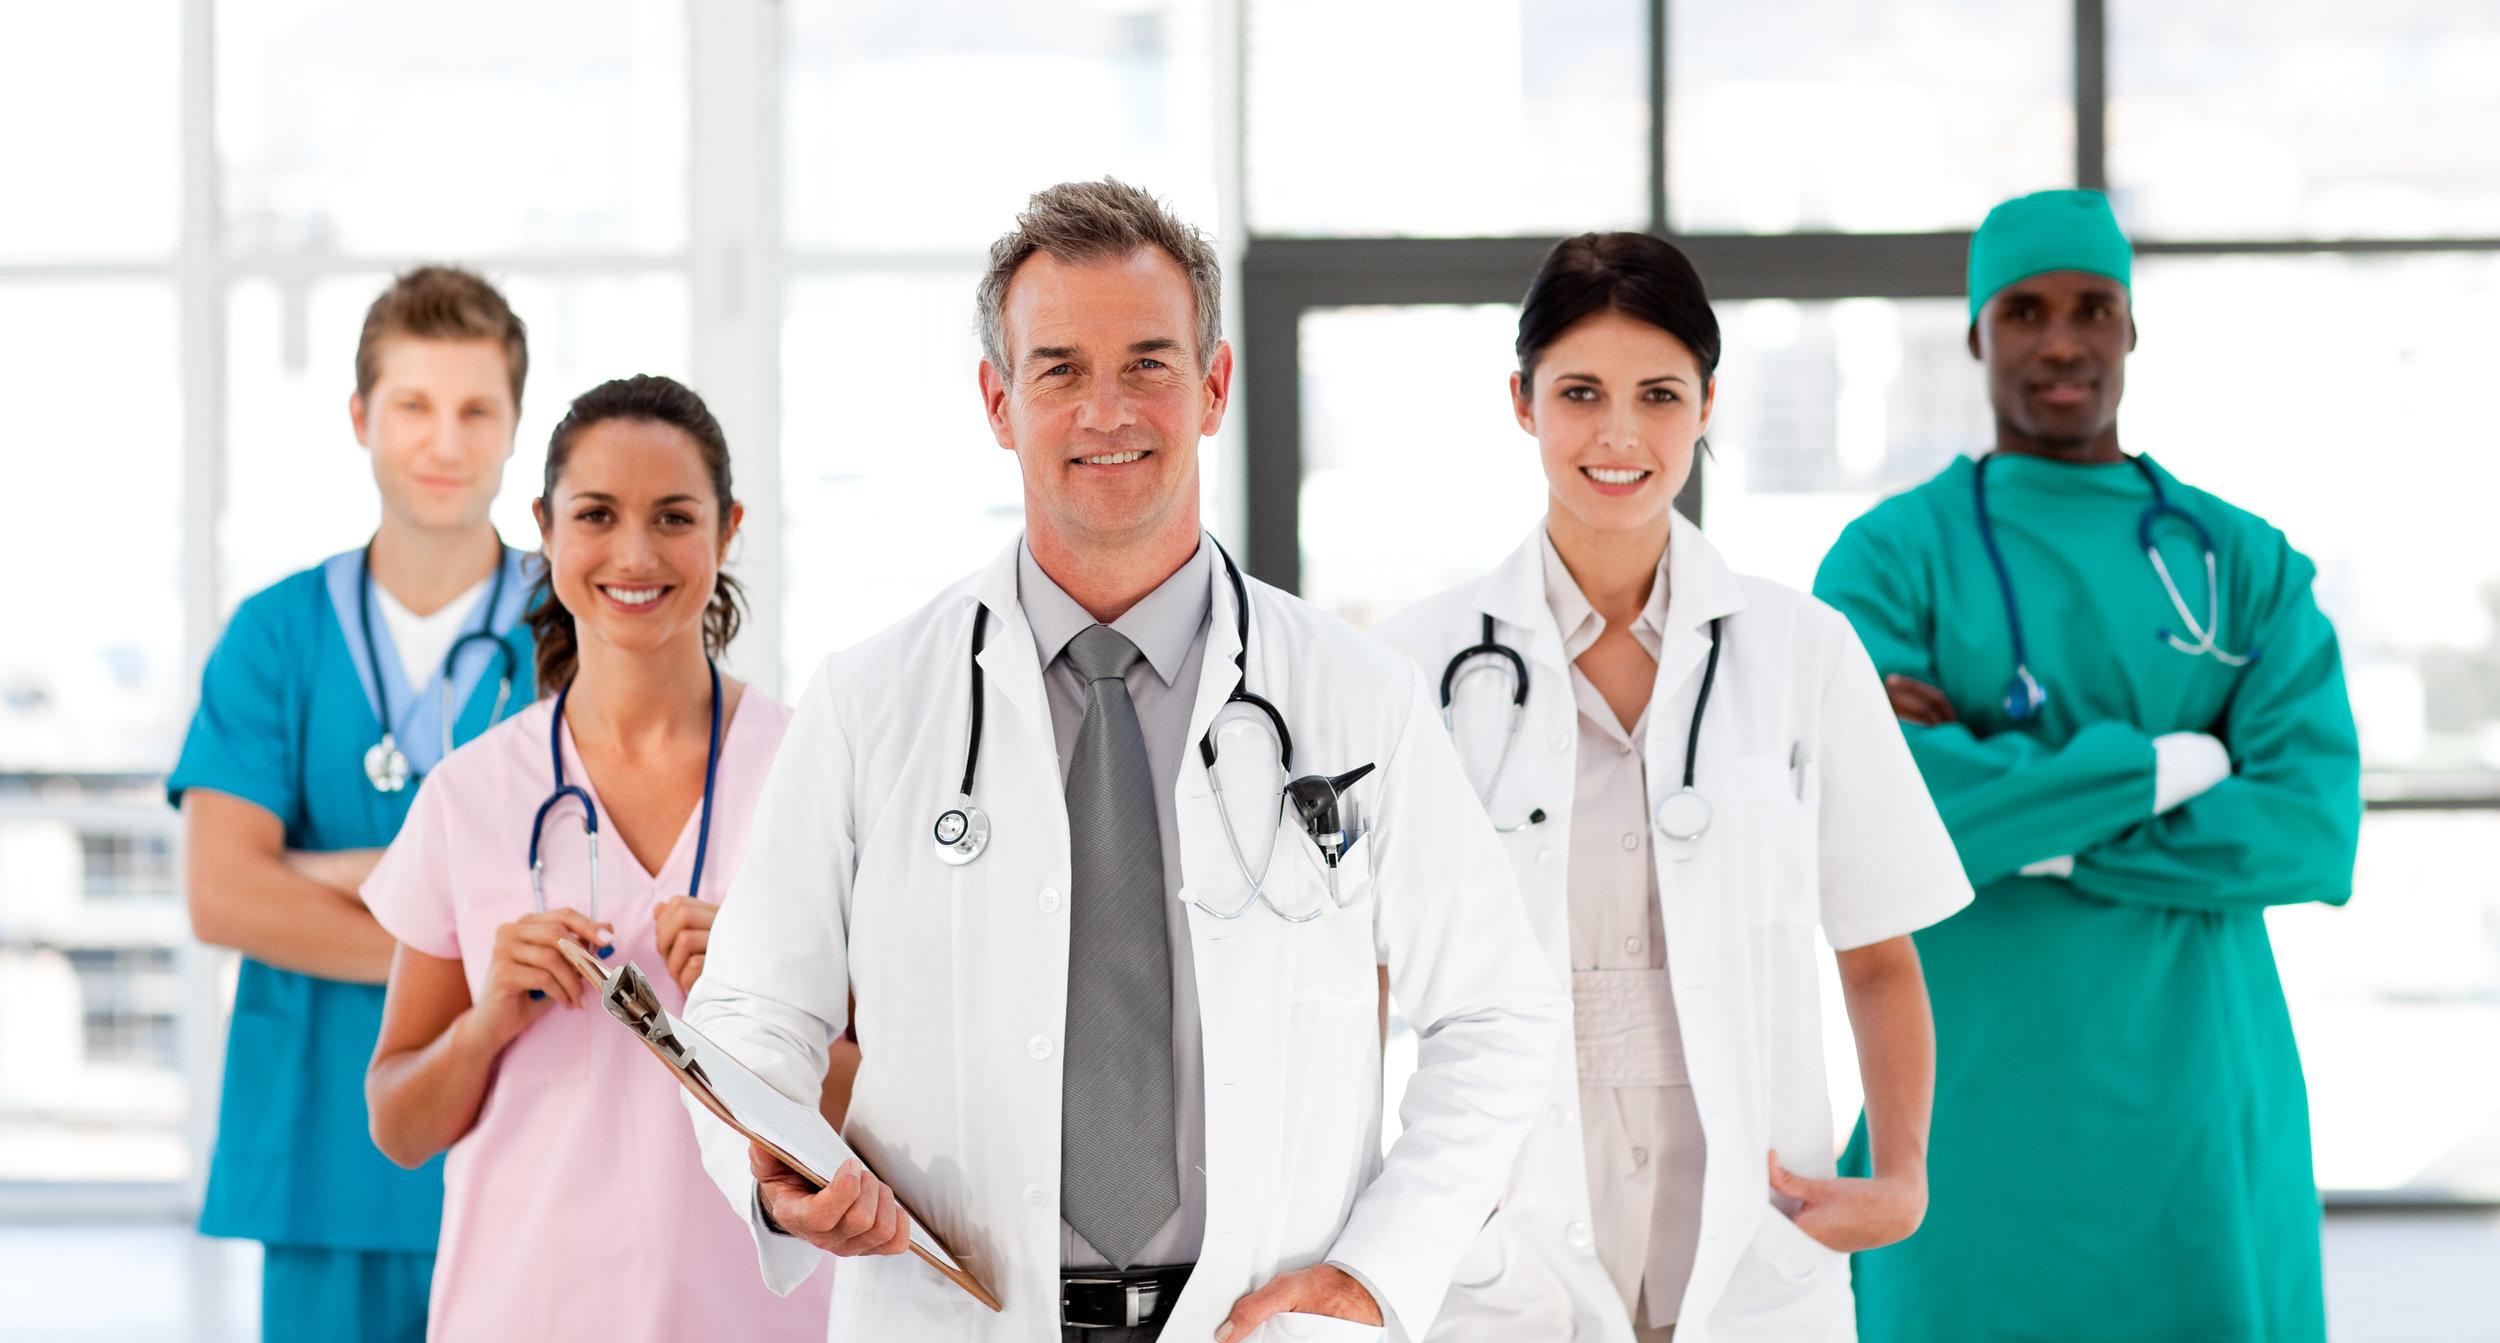 Realistic Medical Doctors